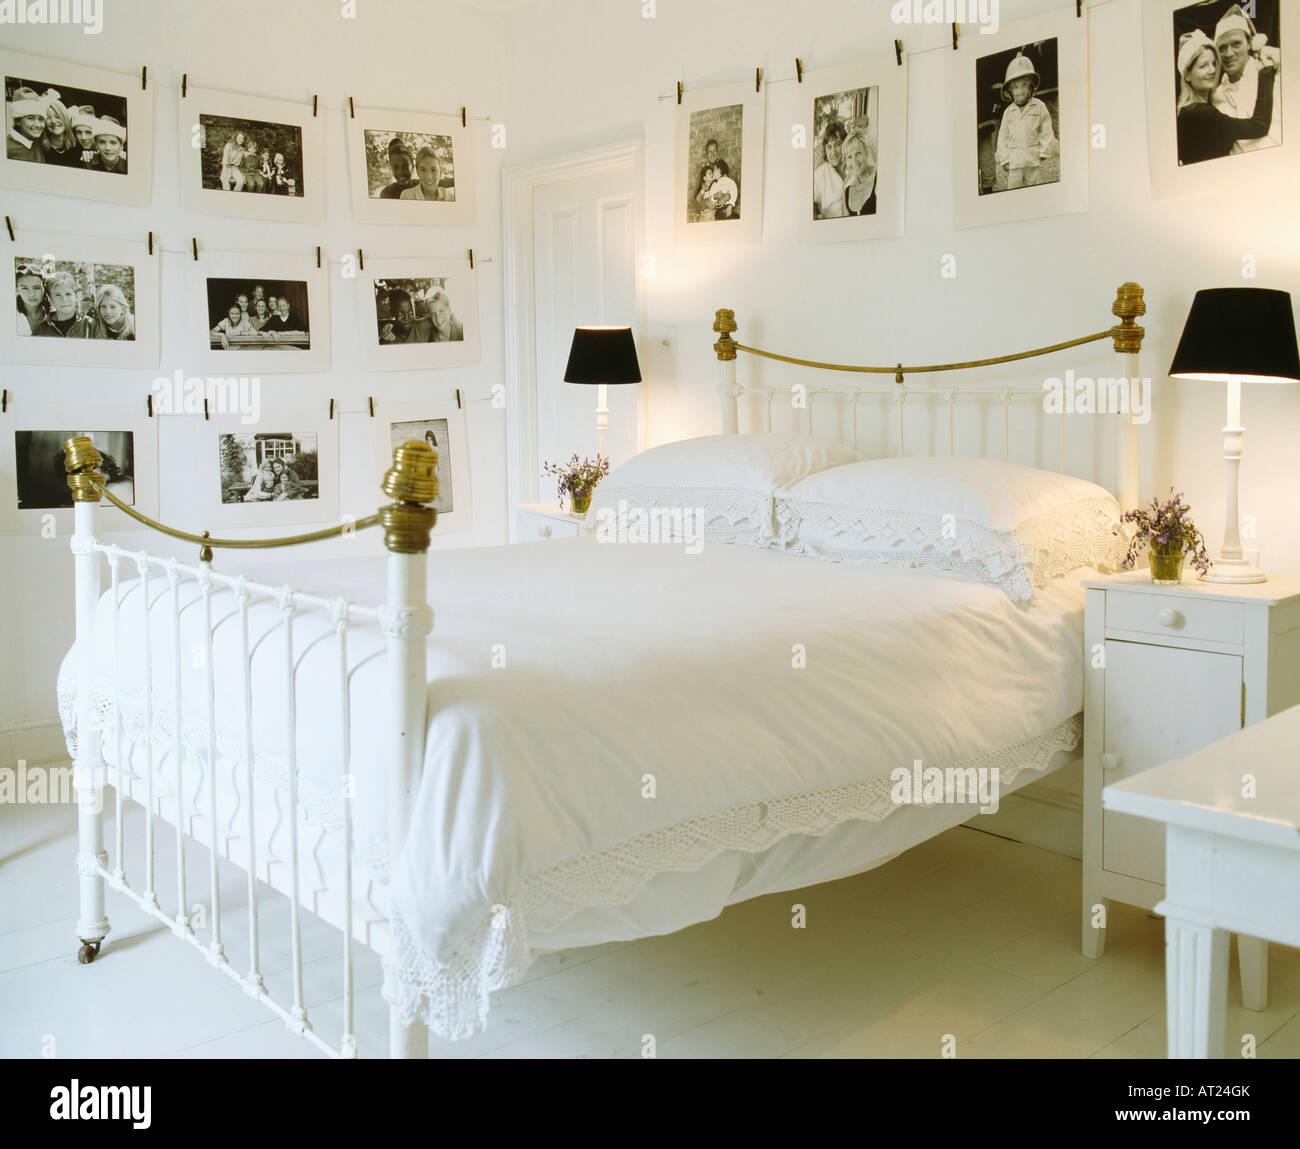 Camera Da Letto Bianca E Nera le fotografie in bianco e nero sulle pareti della camera da